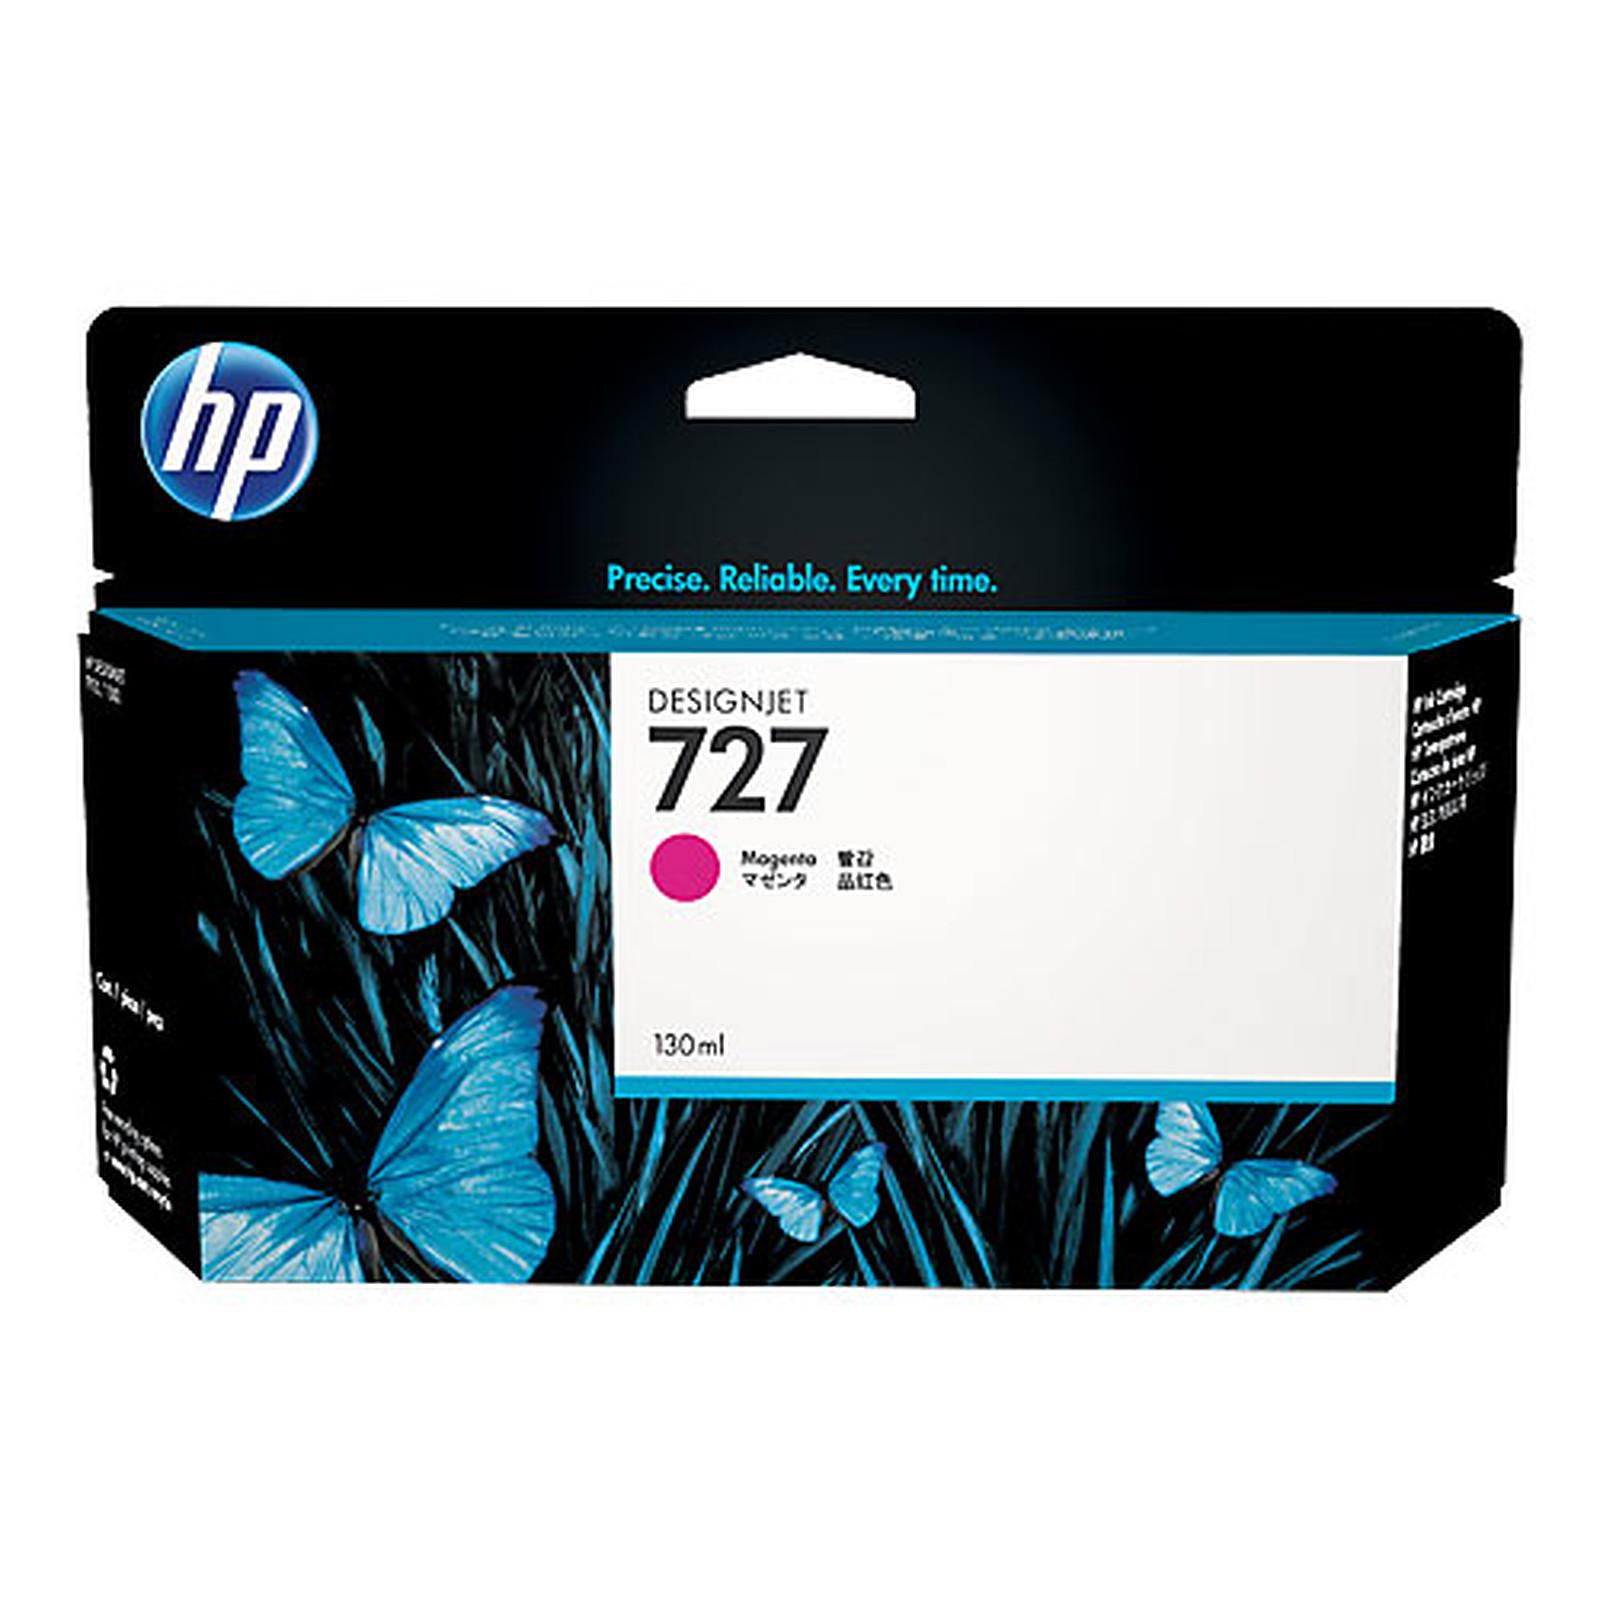 HP 727 Designjet 130 ml - Magenta